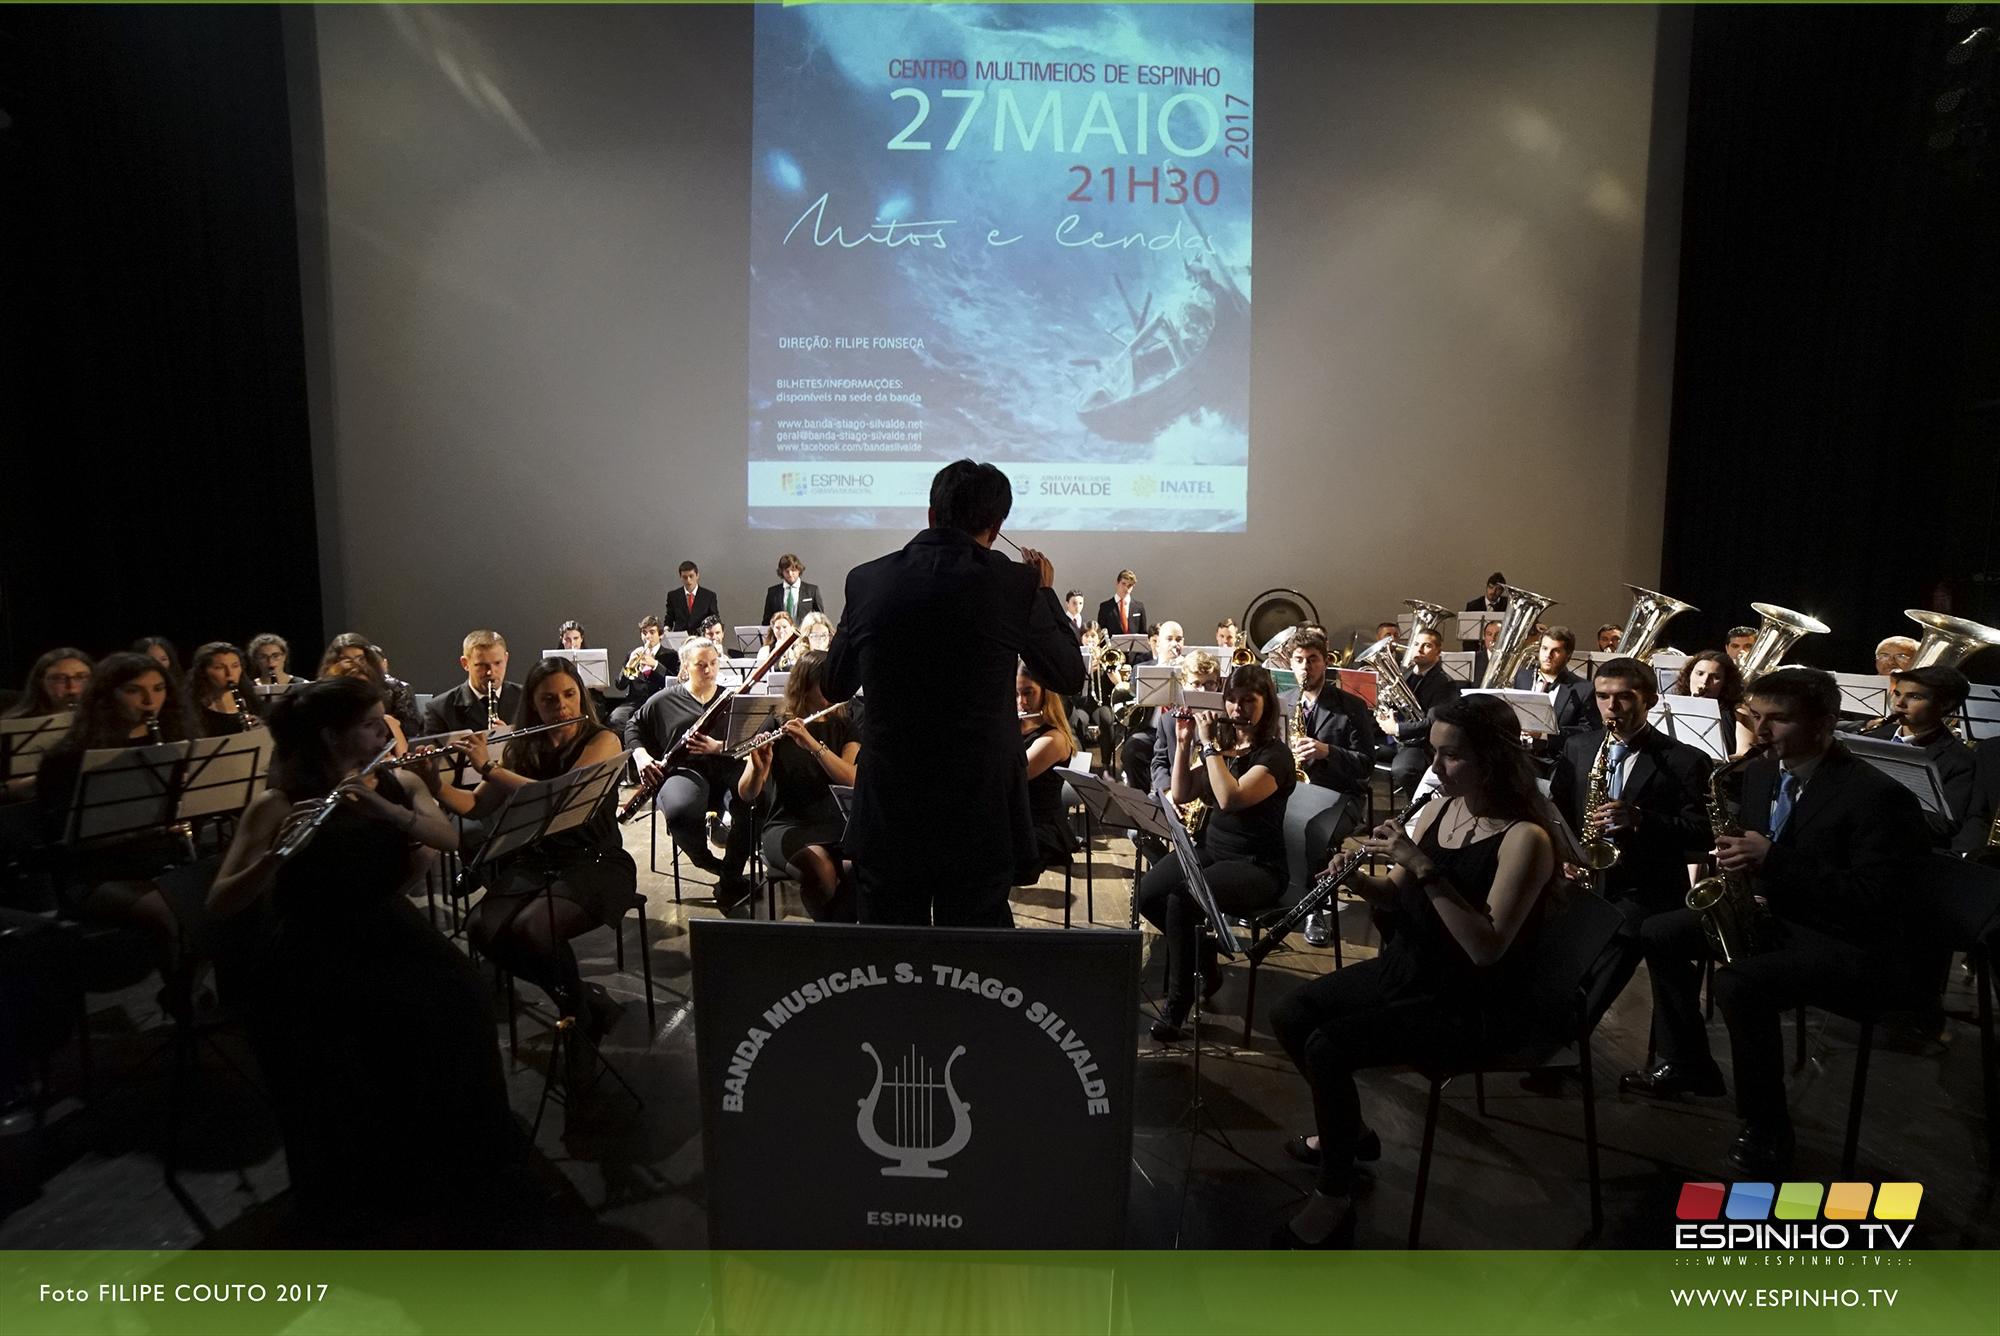 Banda Musical S. Tiago de Silvalde em Mitos e Lendas